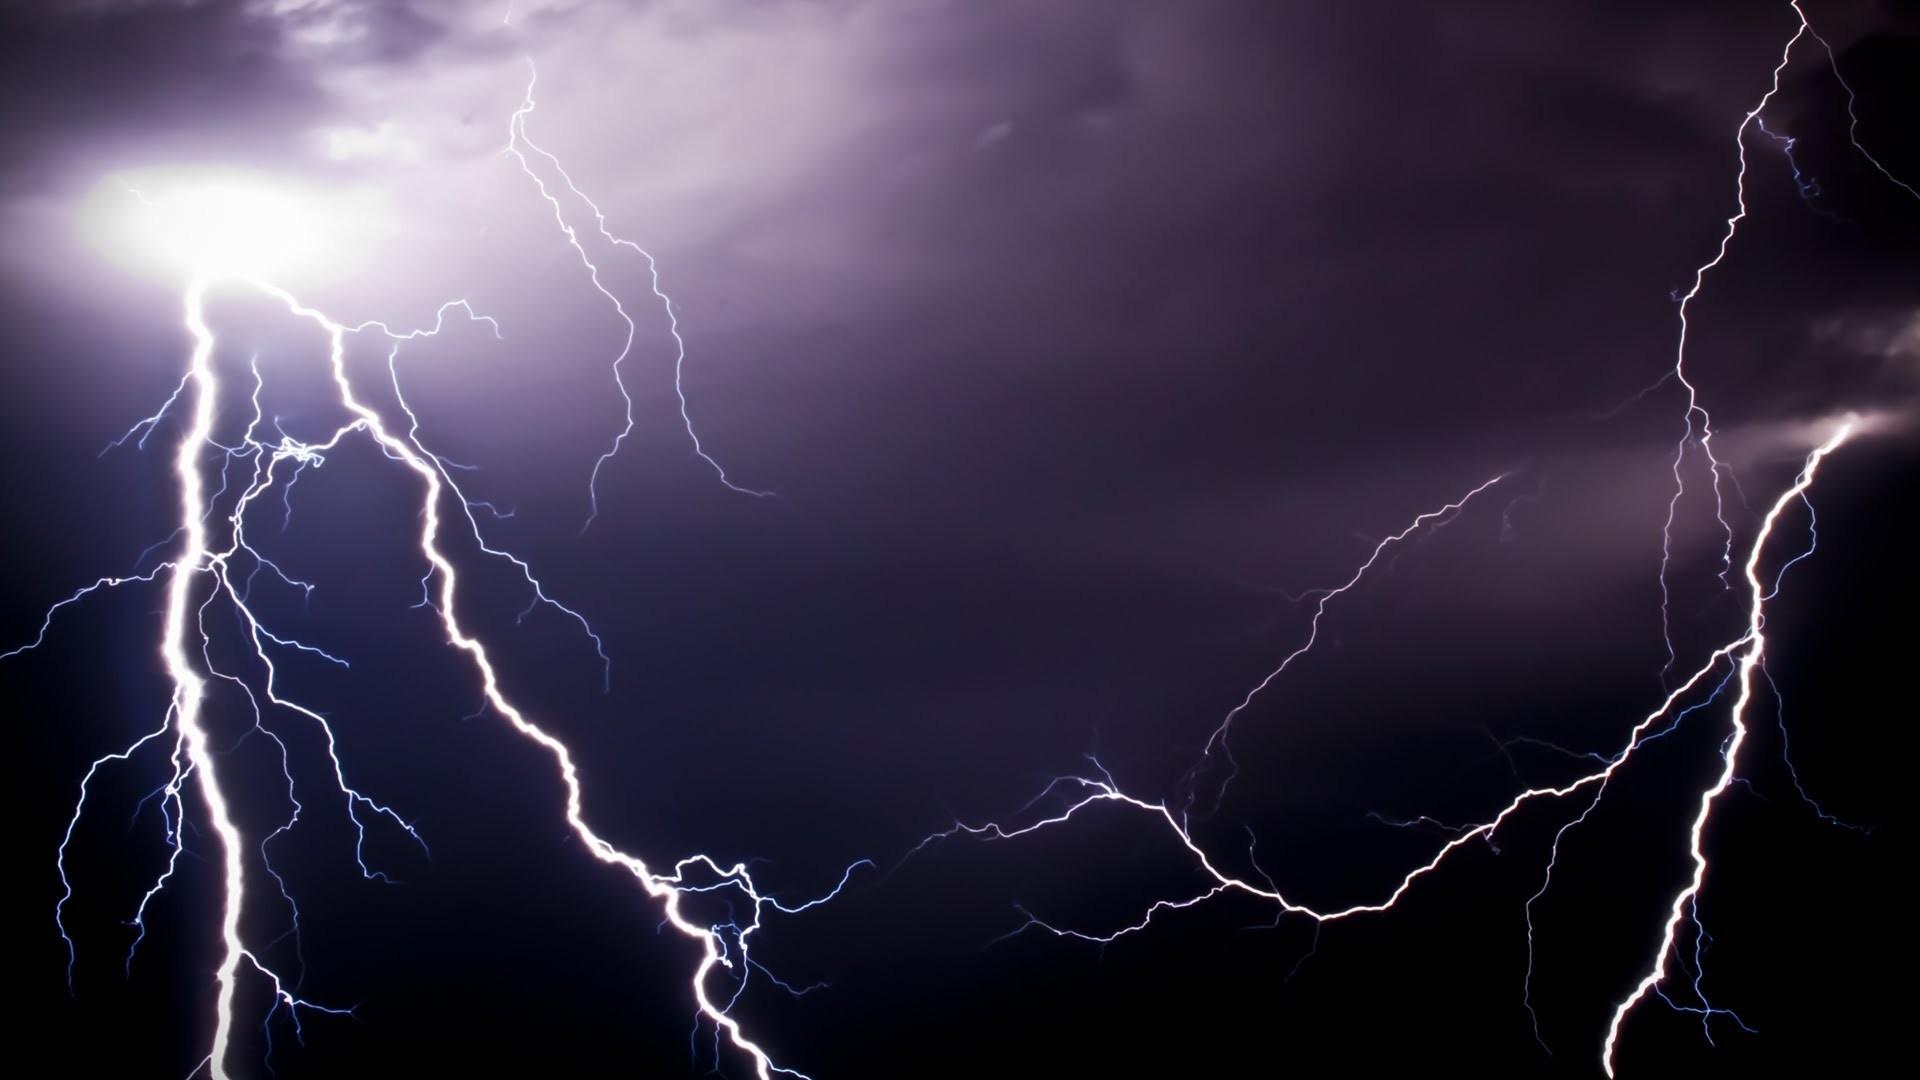 Lightning Wallpaper image hd